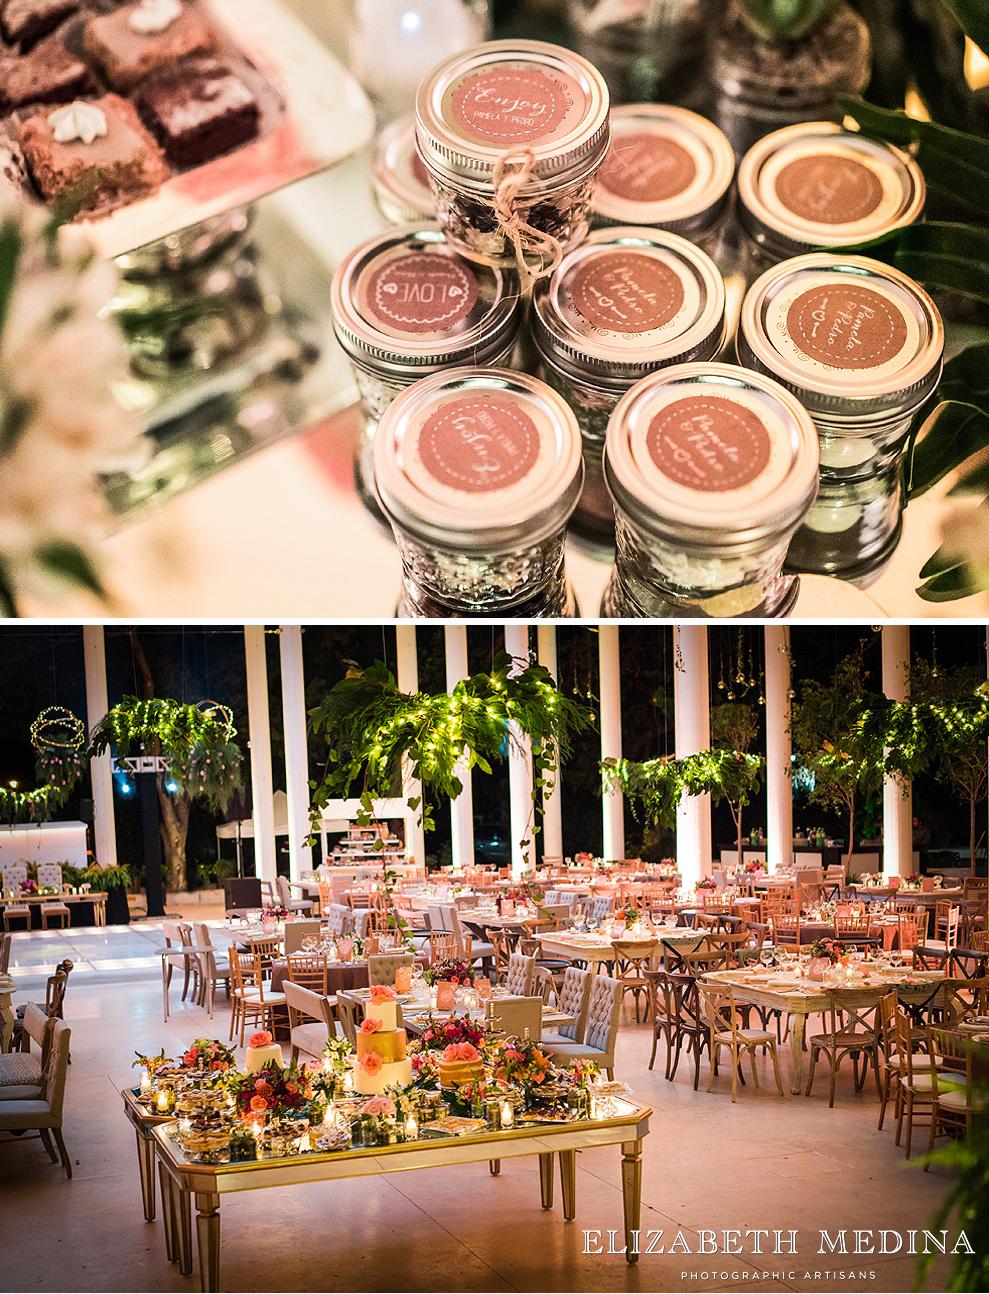 merida_wedding_elizabeth_medina_0016 Boda en Merida, Quinta Montes Molina 03 14 2015